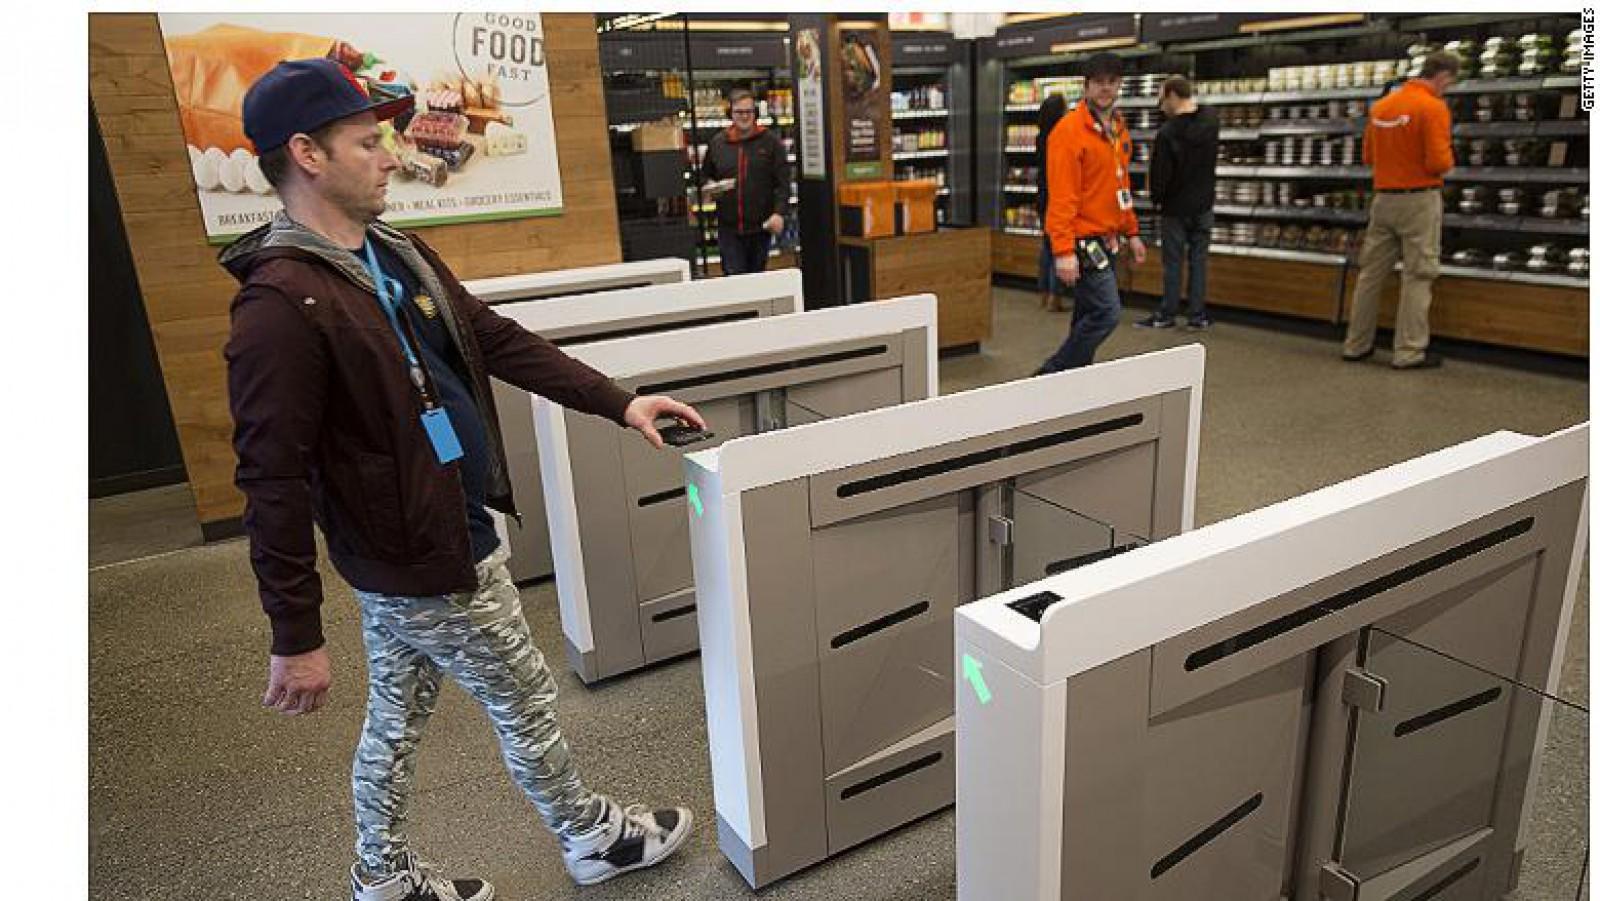 Amazon a deschis primul magazin care operează fără aparate de casă sau vânzători